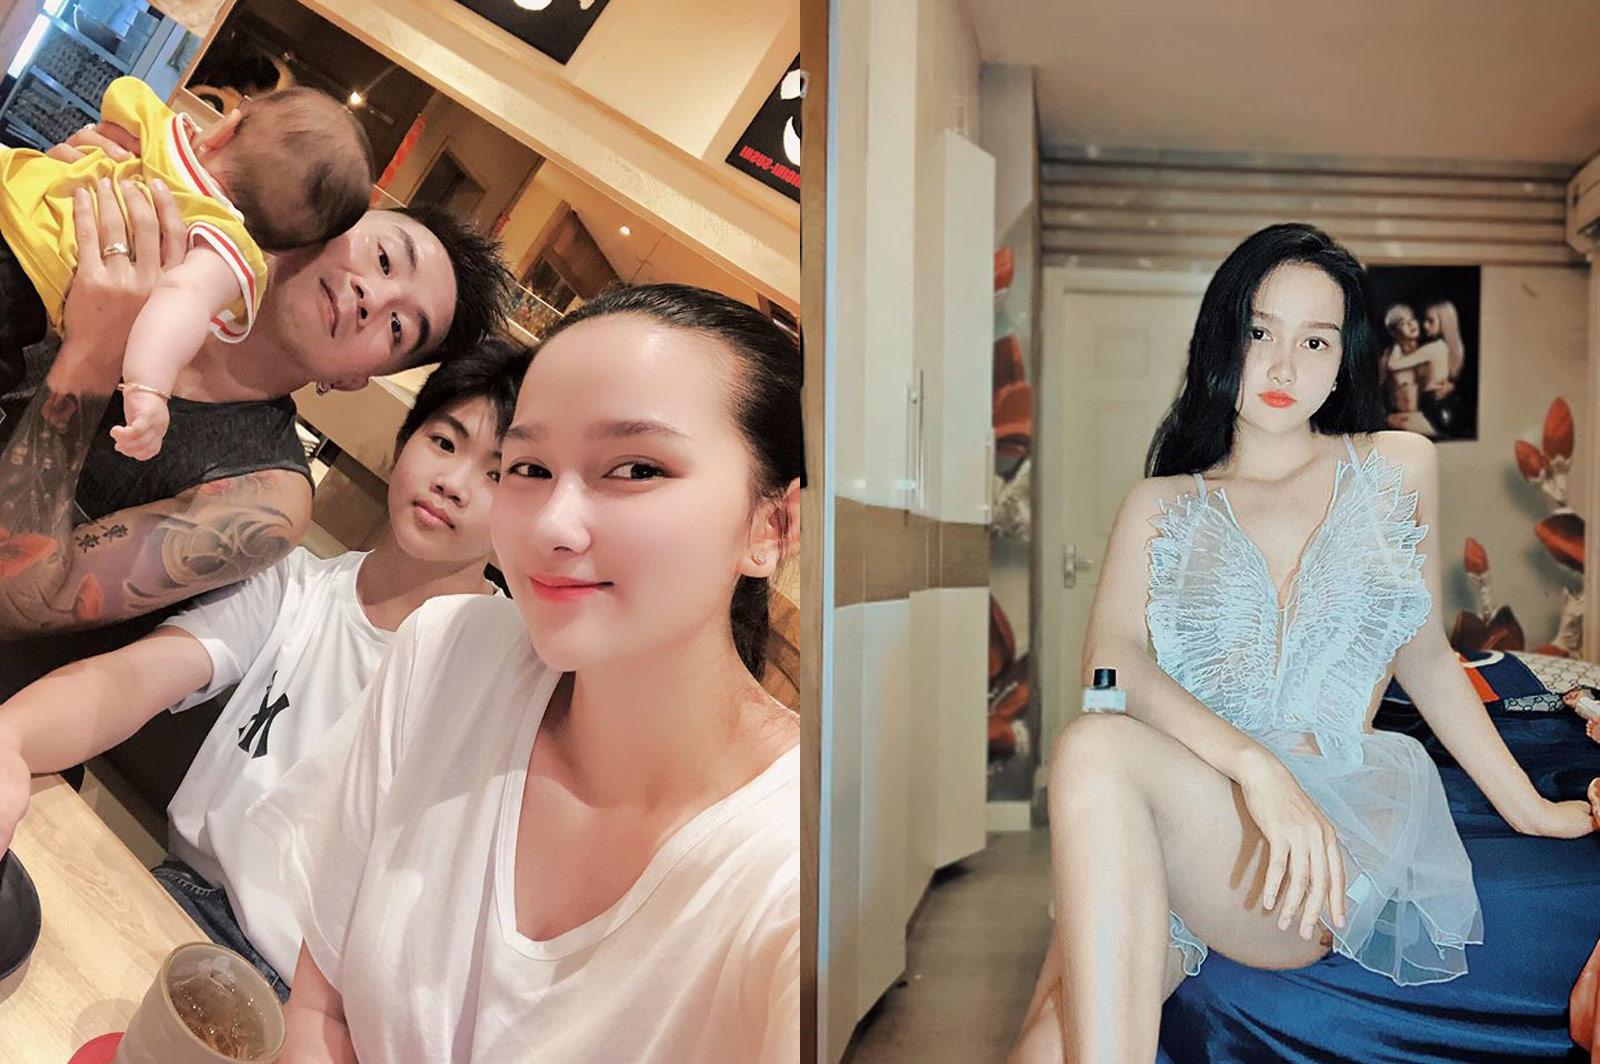 """Chung sống 2 năm, hot girl kém Khánh Đơn 12 tuổi hé lộ """"bản hợp đồng"""" bất ngờ - 10"""